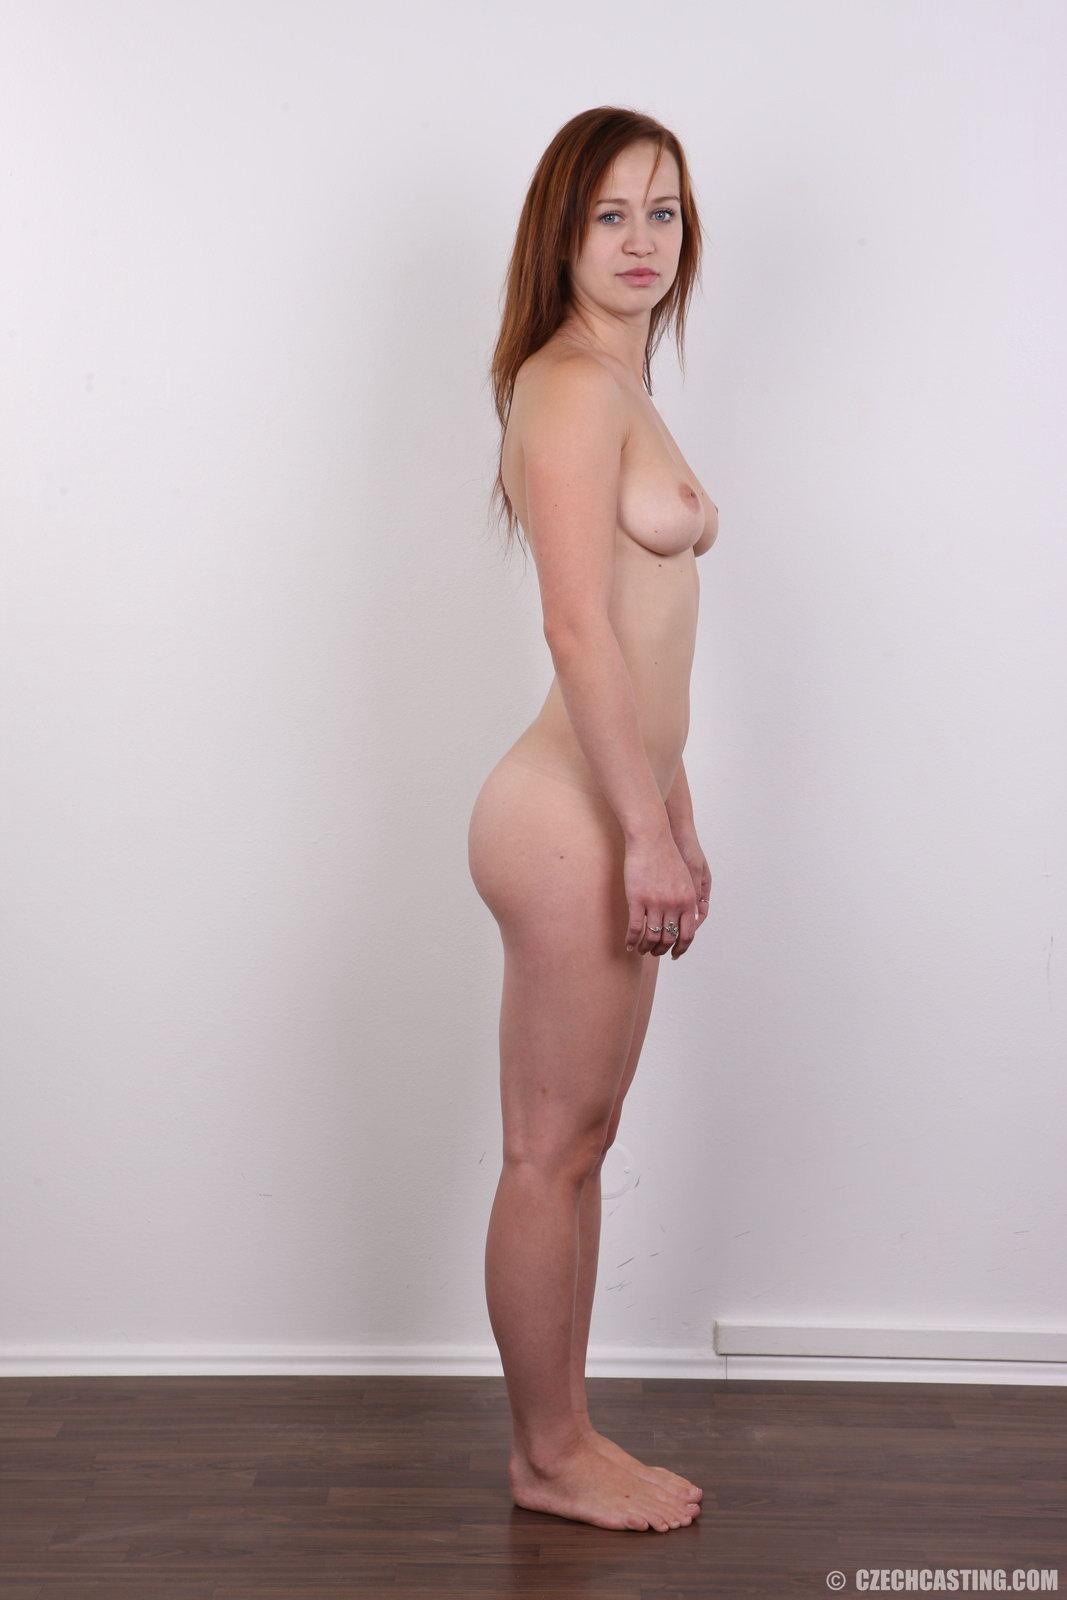 Czech girl tries porn